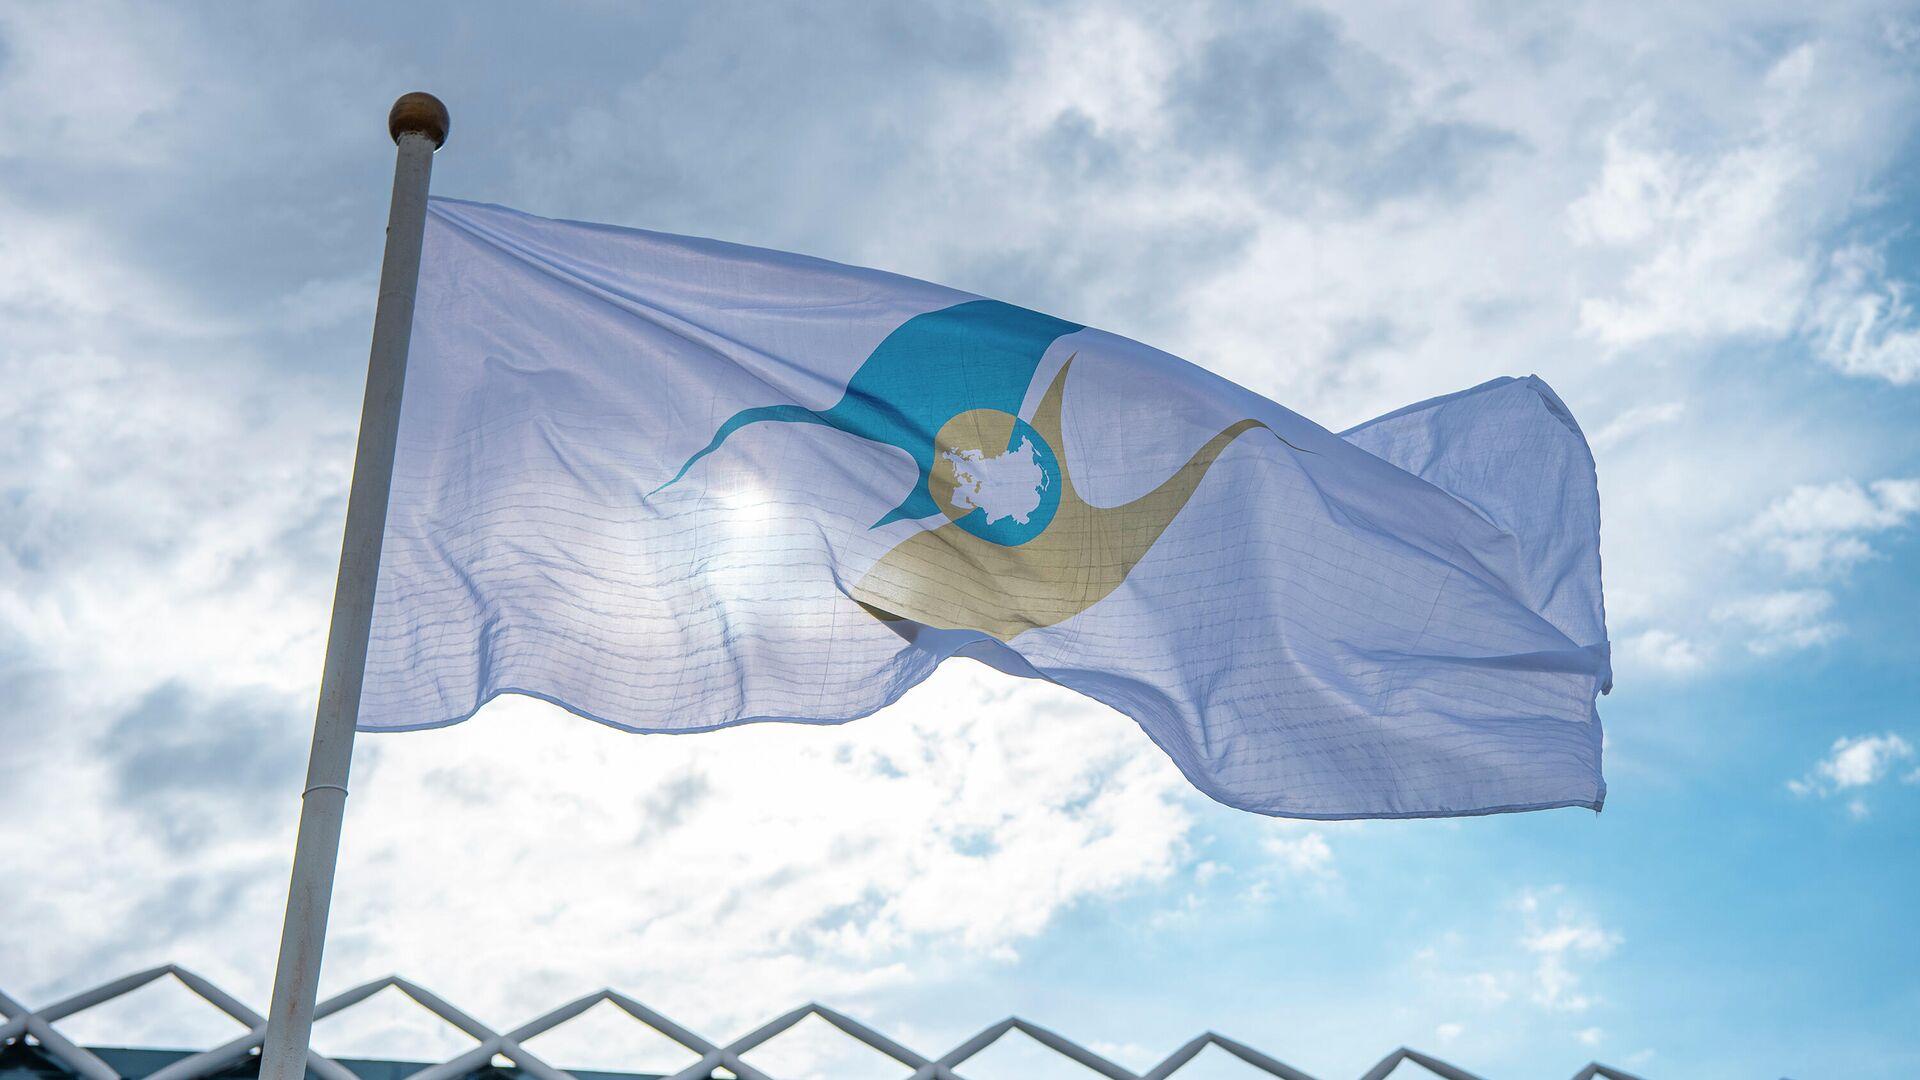 Флаг с символикой Евразийского экономического союза (ЕАЭС) - Sputnik Беларусь, 1920, 20.09.2021